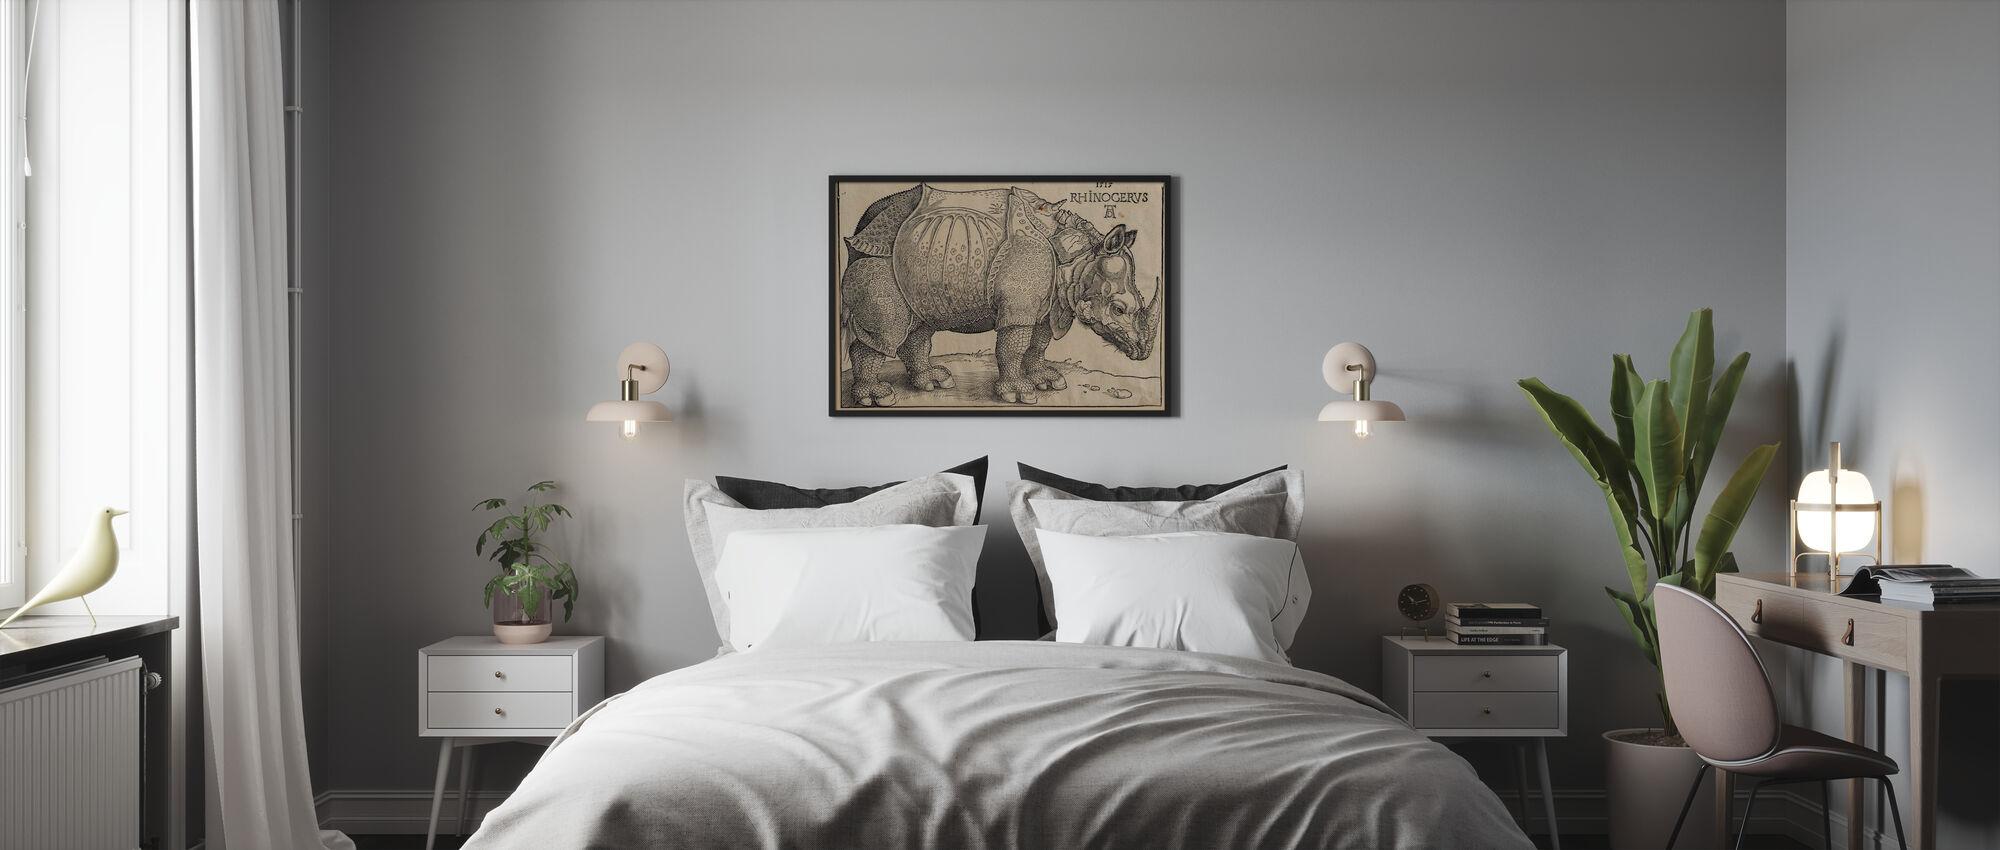 Rhinoceros - Abrecht Durer - Poster - Bedroom